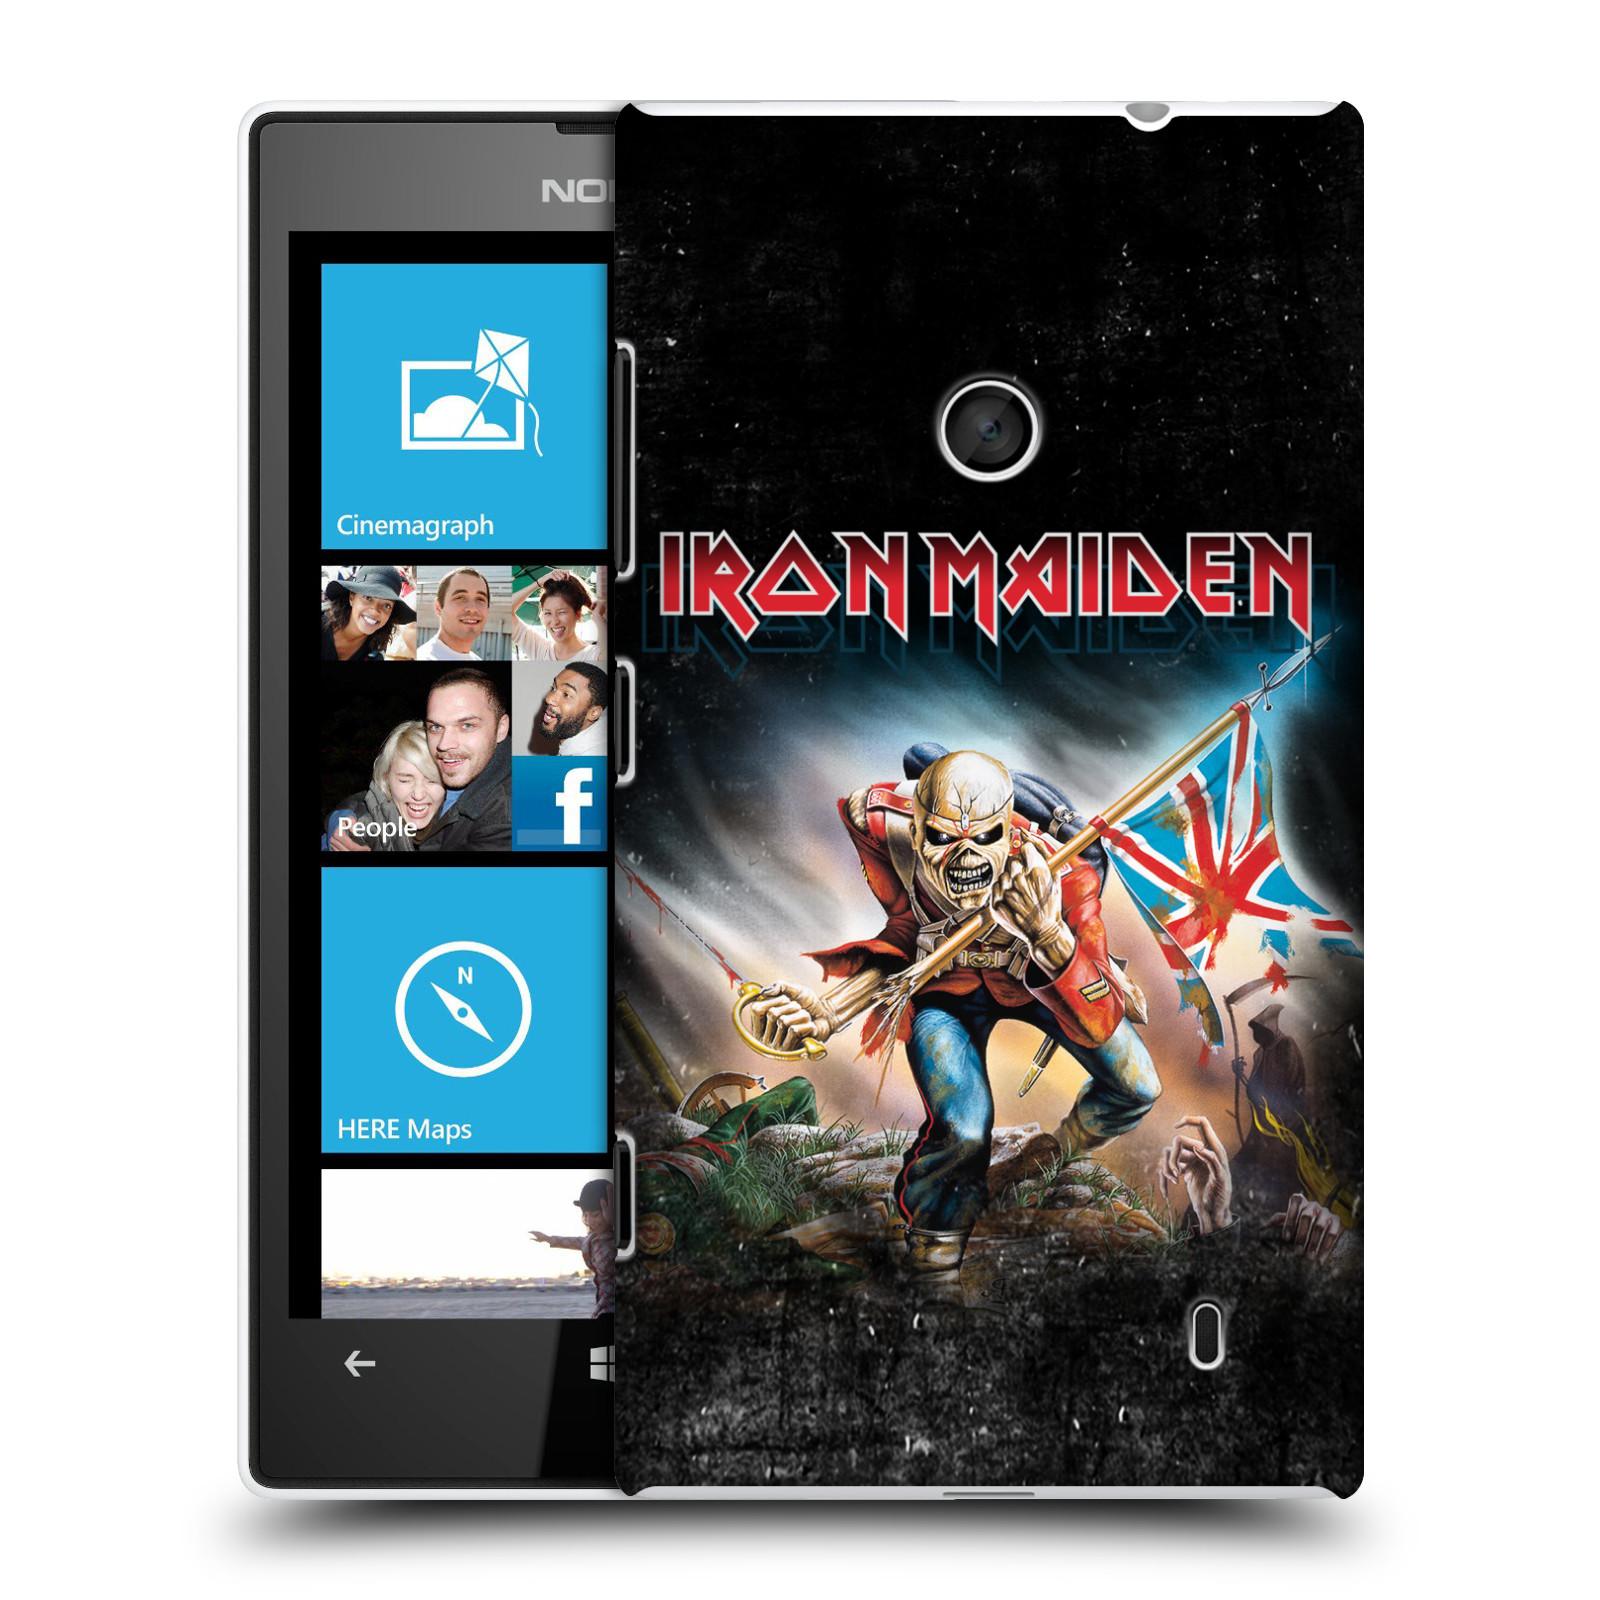 Plastové pouzdro na mobil Nokia Lumia 520 HEAD CASE - Iron Maiden - Trooper 2016